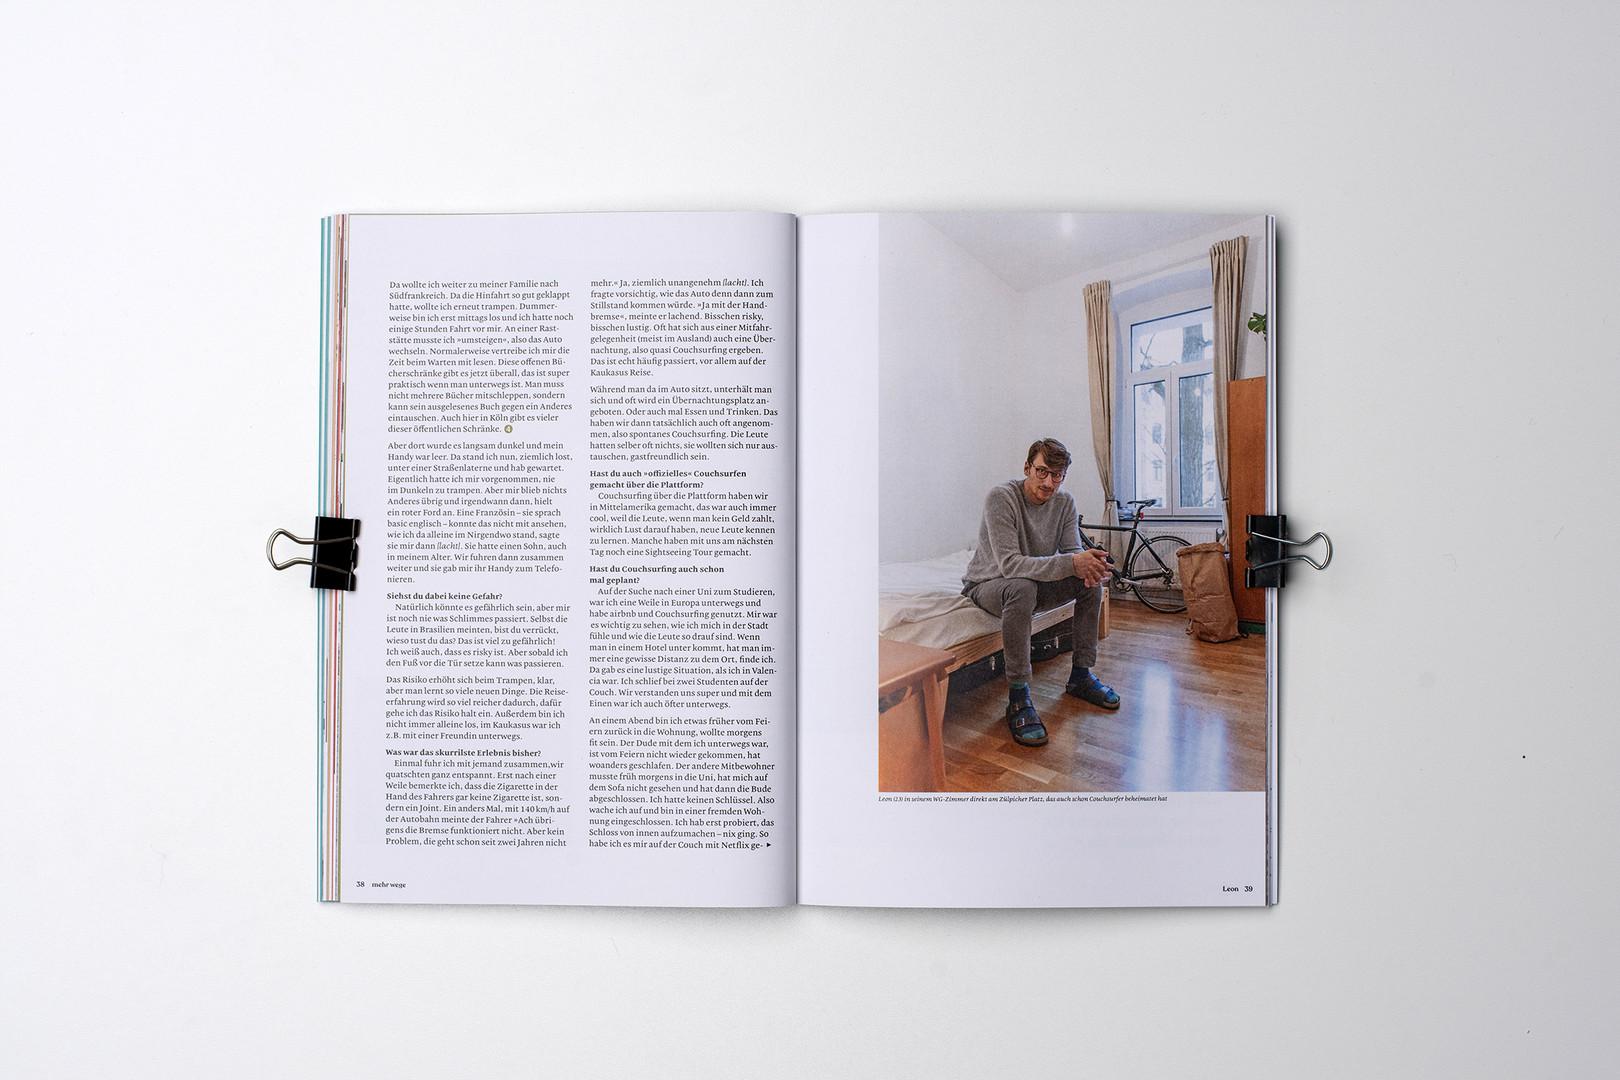 2019-02-13_magazin-mehrwege_051-23_144dp